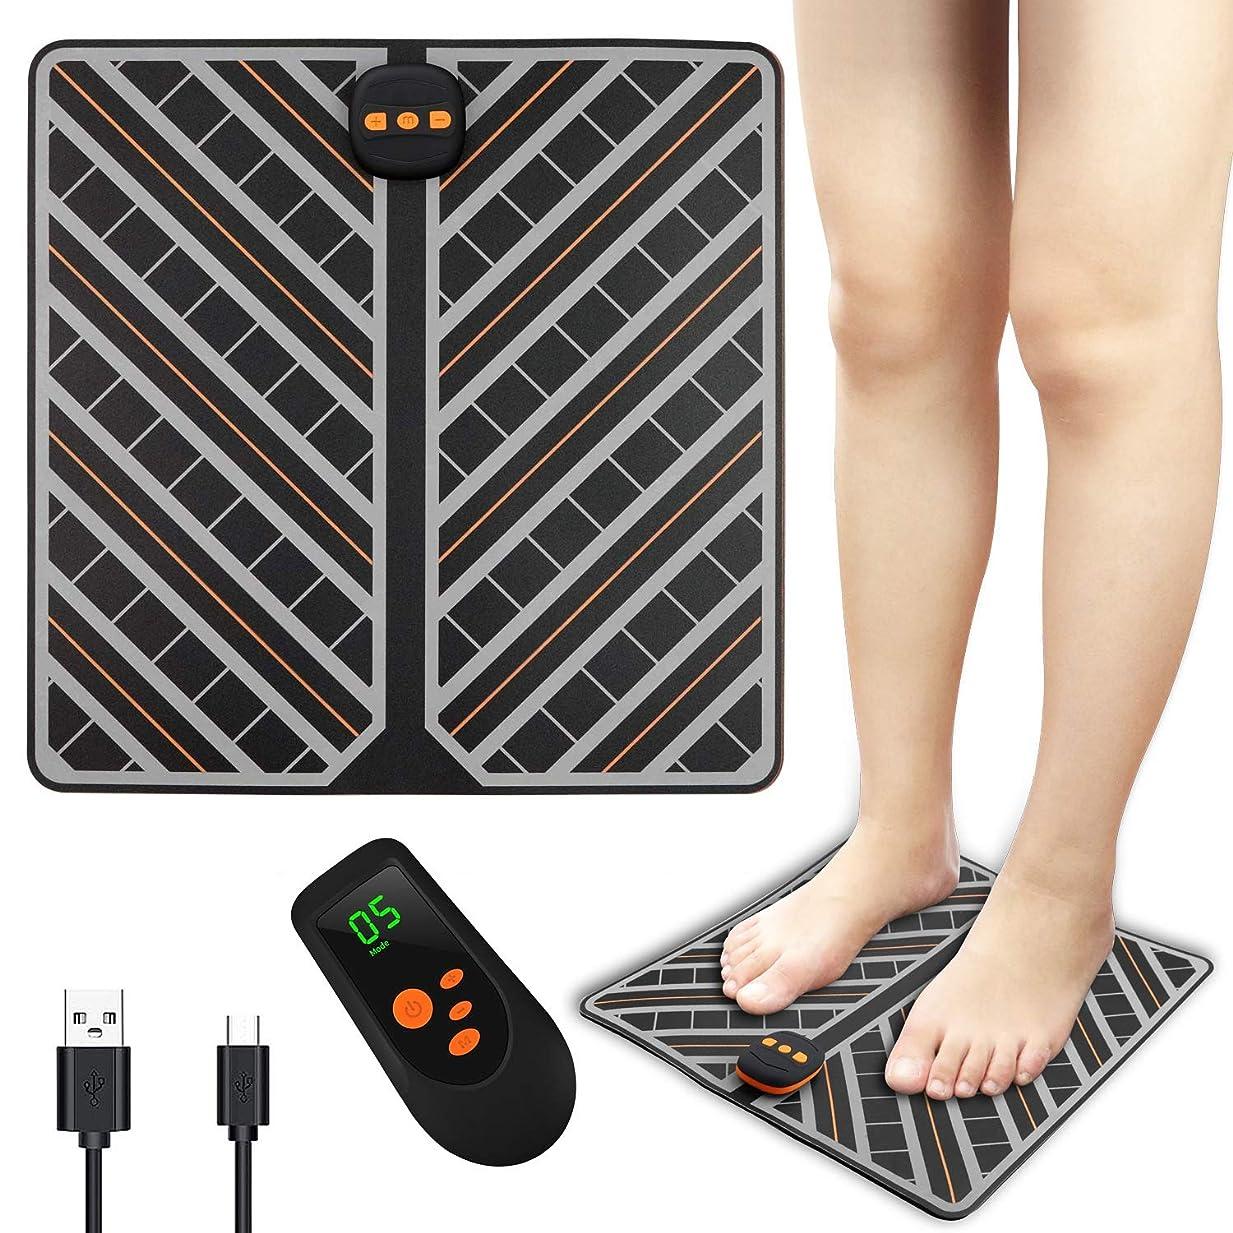 フロー農村絵足のマッサージトマッサージャーフットレッグマッサージUSB充電EMSレザー導電性シルバーペースト、リモートコントロール、神経痛およびけいれん緩和